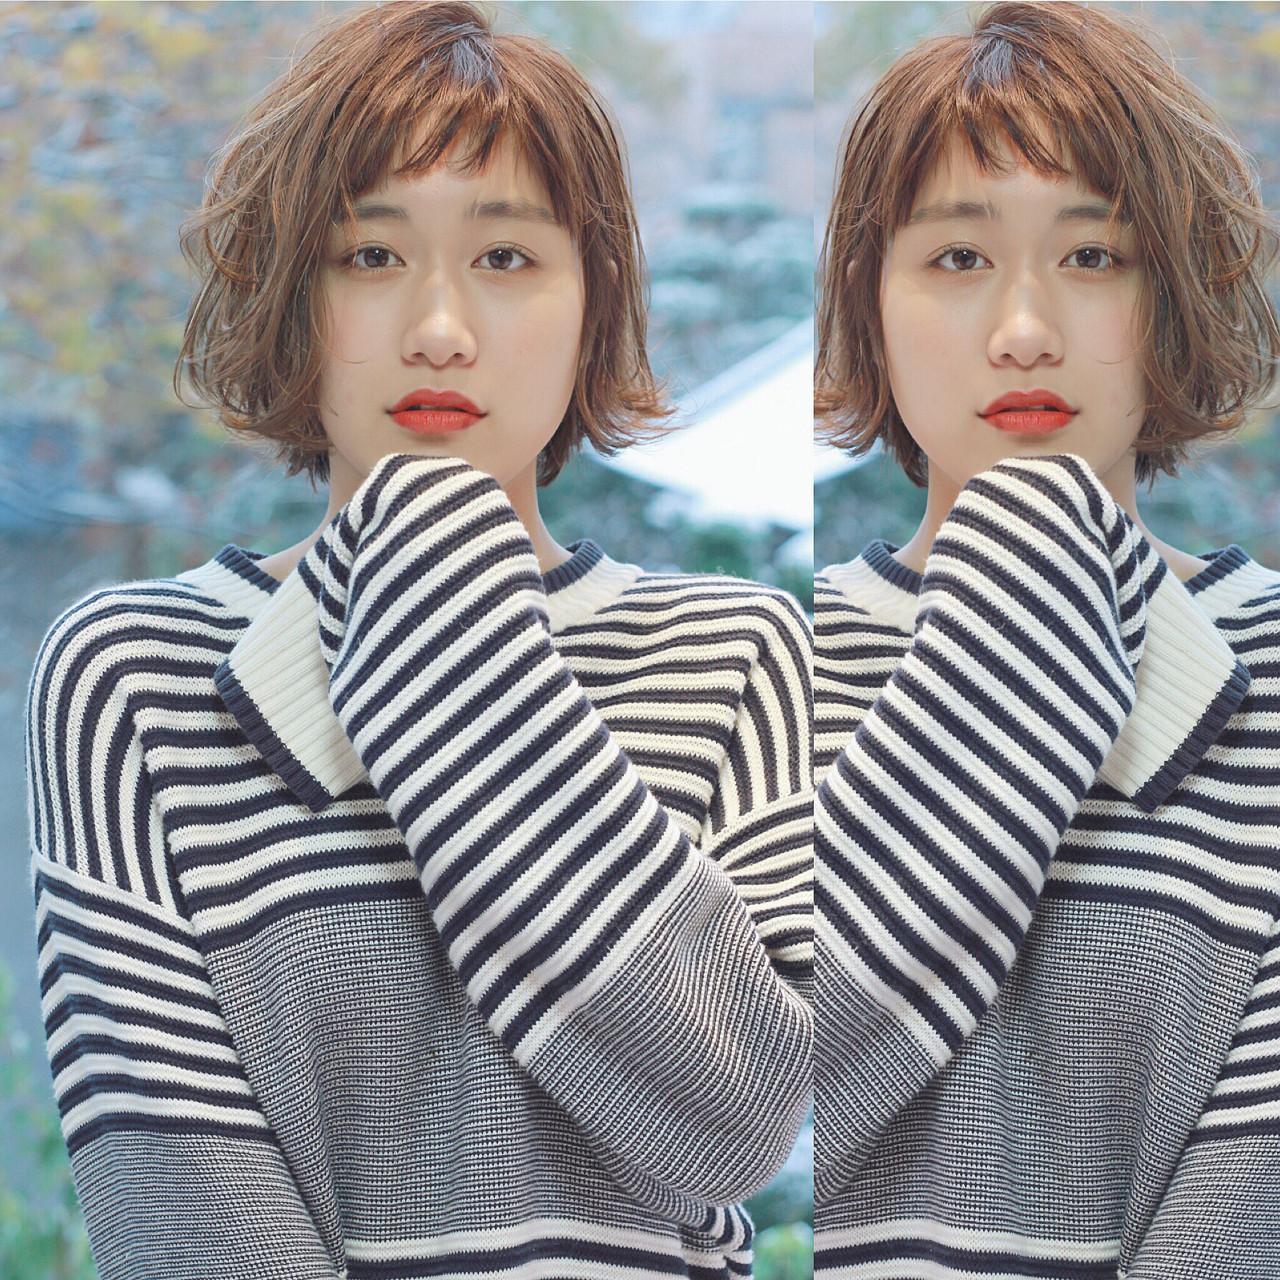 ウルフカット 外国人風 ガーリー イルミナカラーヘアスタイルや髪型の写真・画像